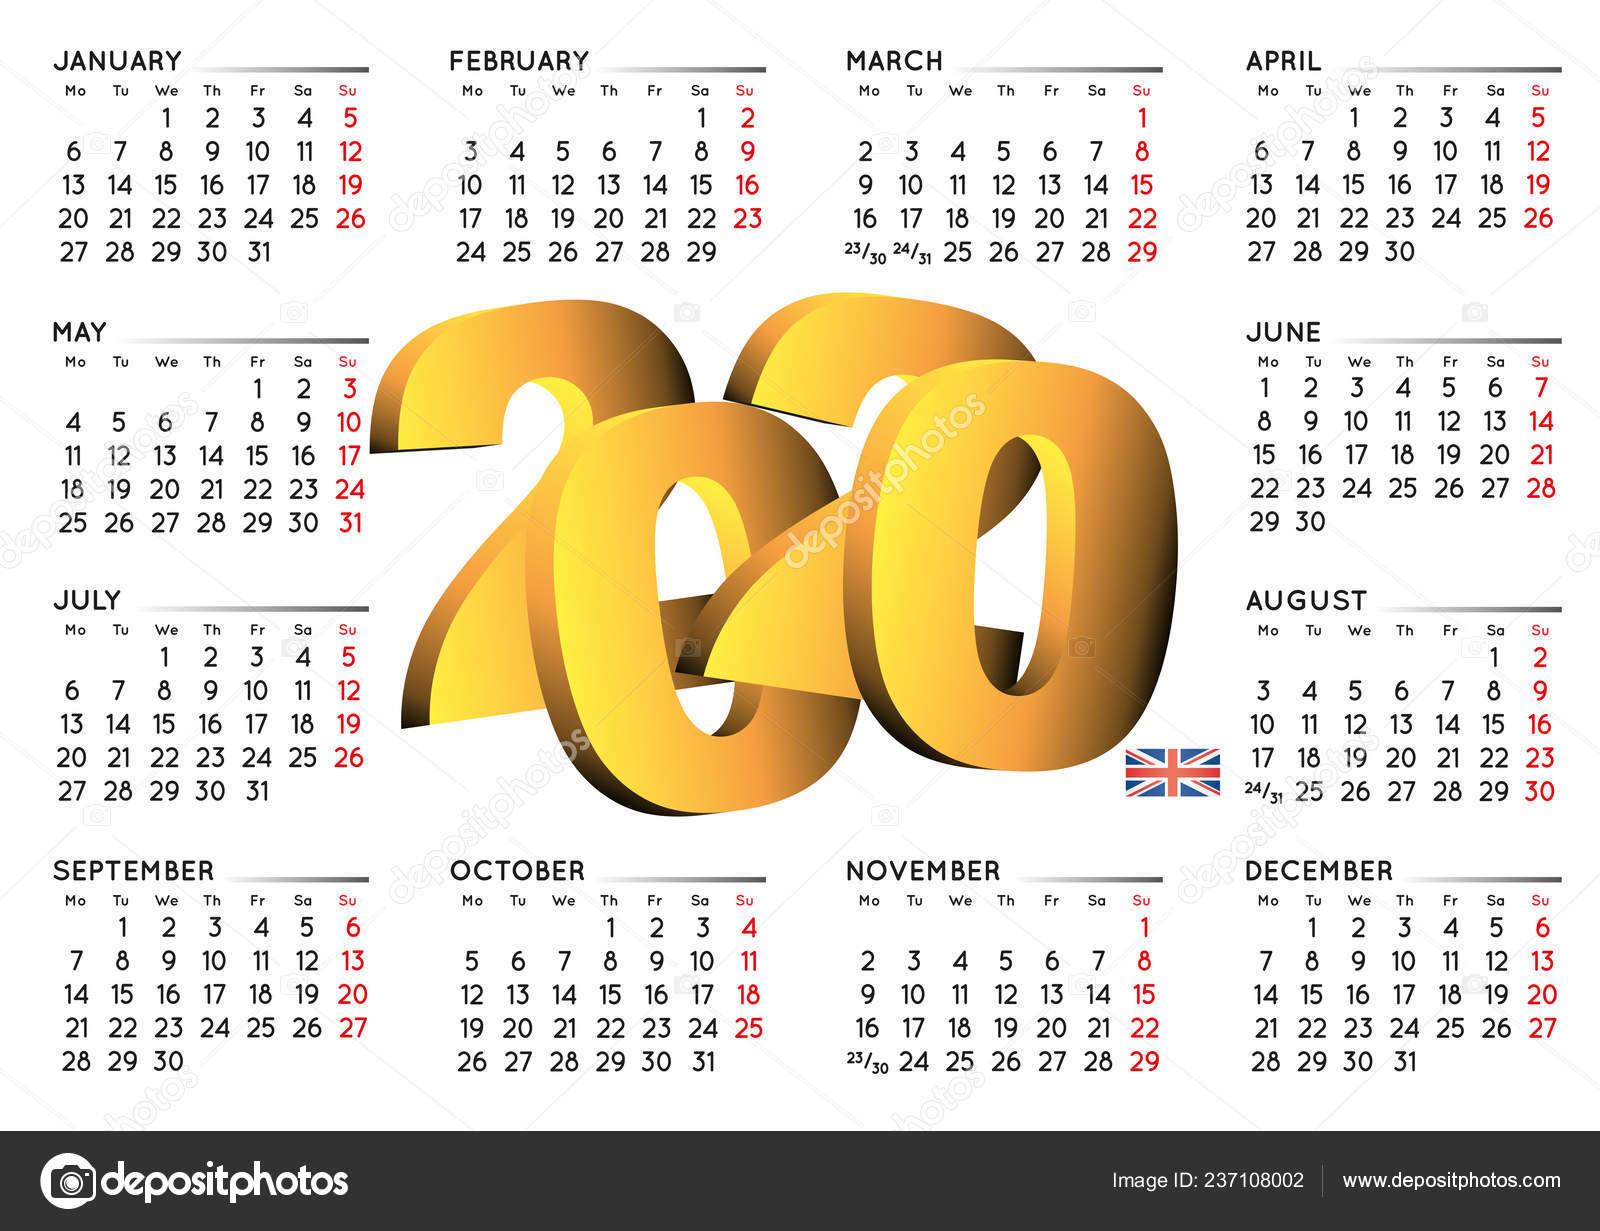 Anno Calendario 2020.2020 Calendario Inglese Calendario Anno 2020 Calendario 2020